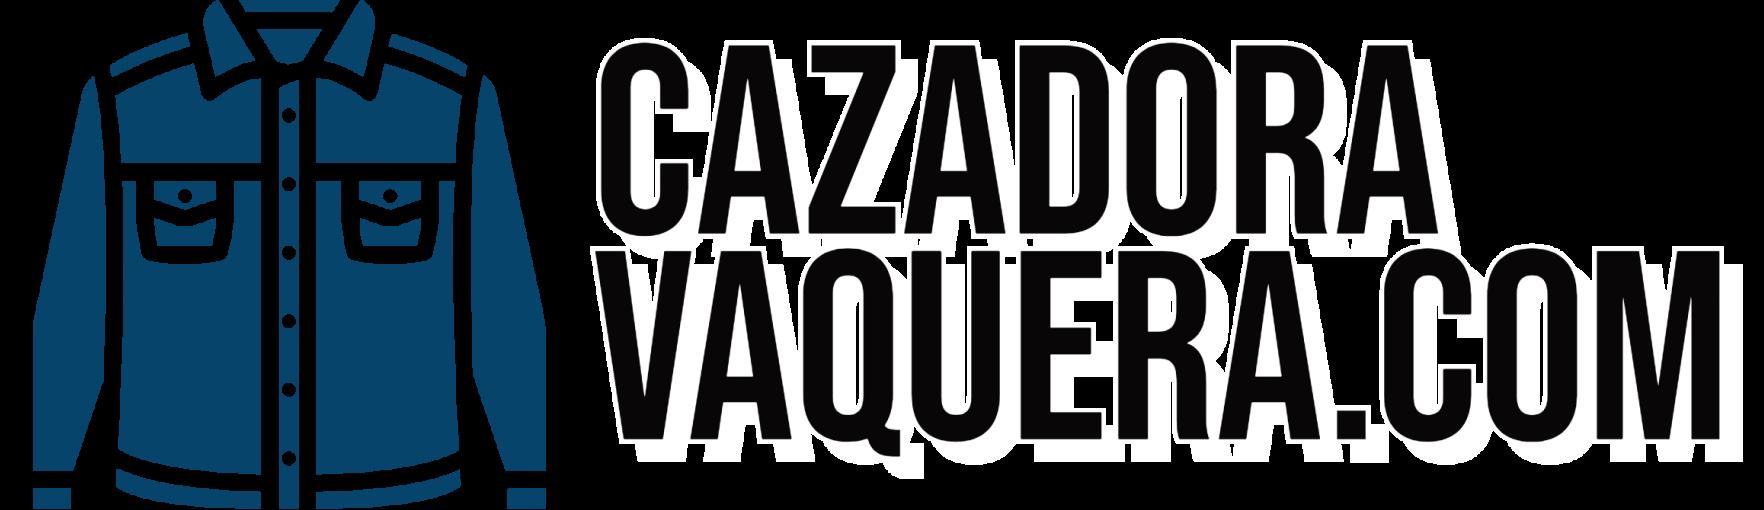 cazadoravaquera.com